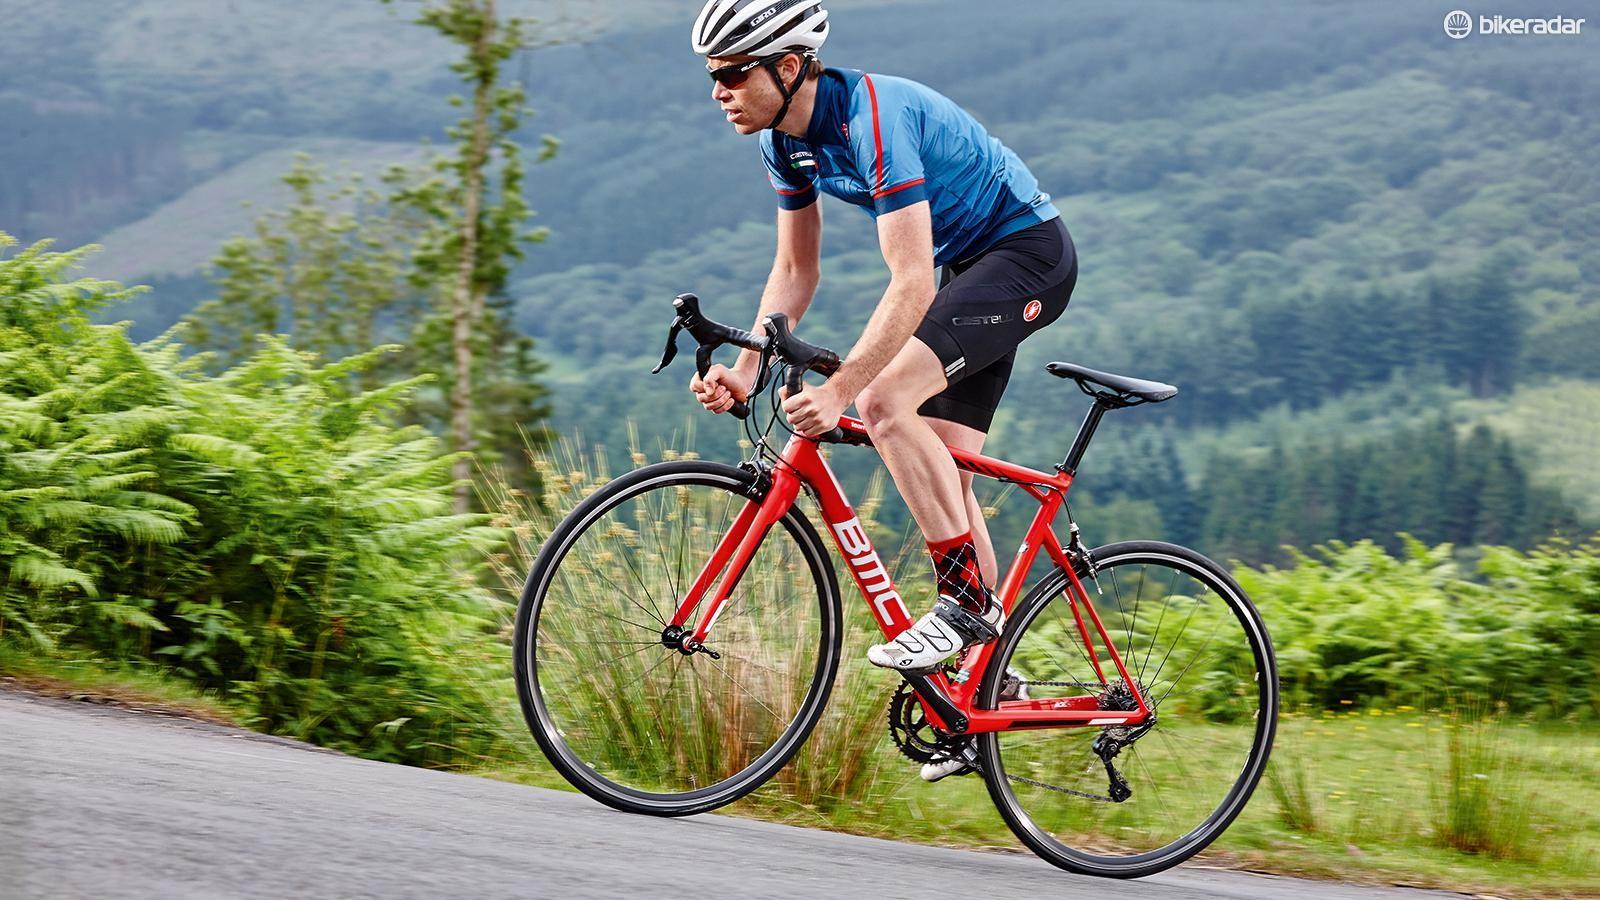 5c603a7aacd BMC Teammachine SLR03 review - BikeRadar